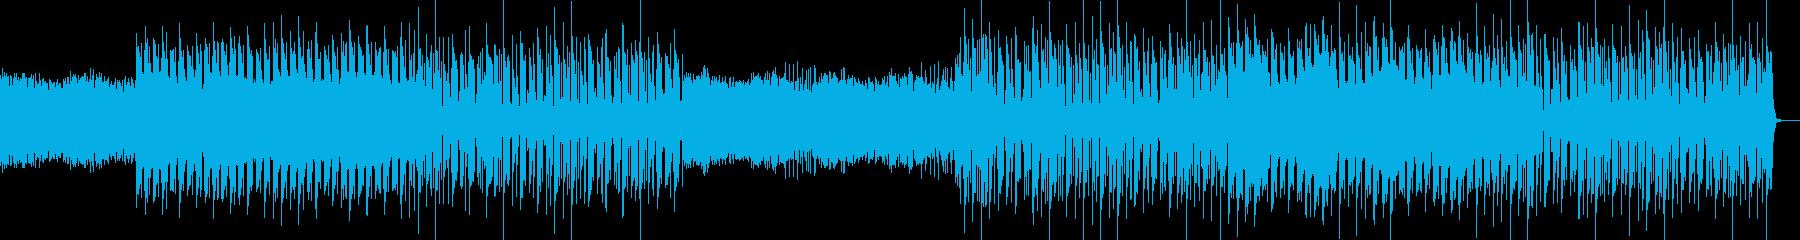 おしゃれ・クール・EDM・ハウス13の再生済みの波形